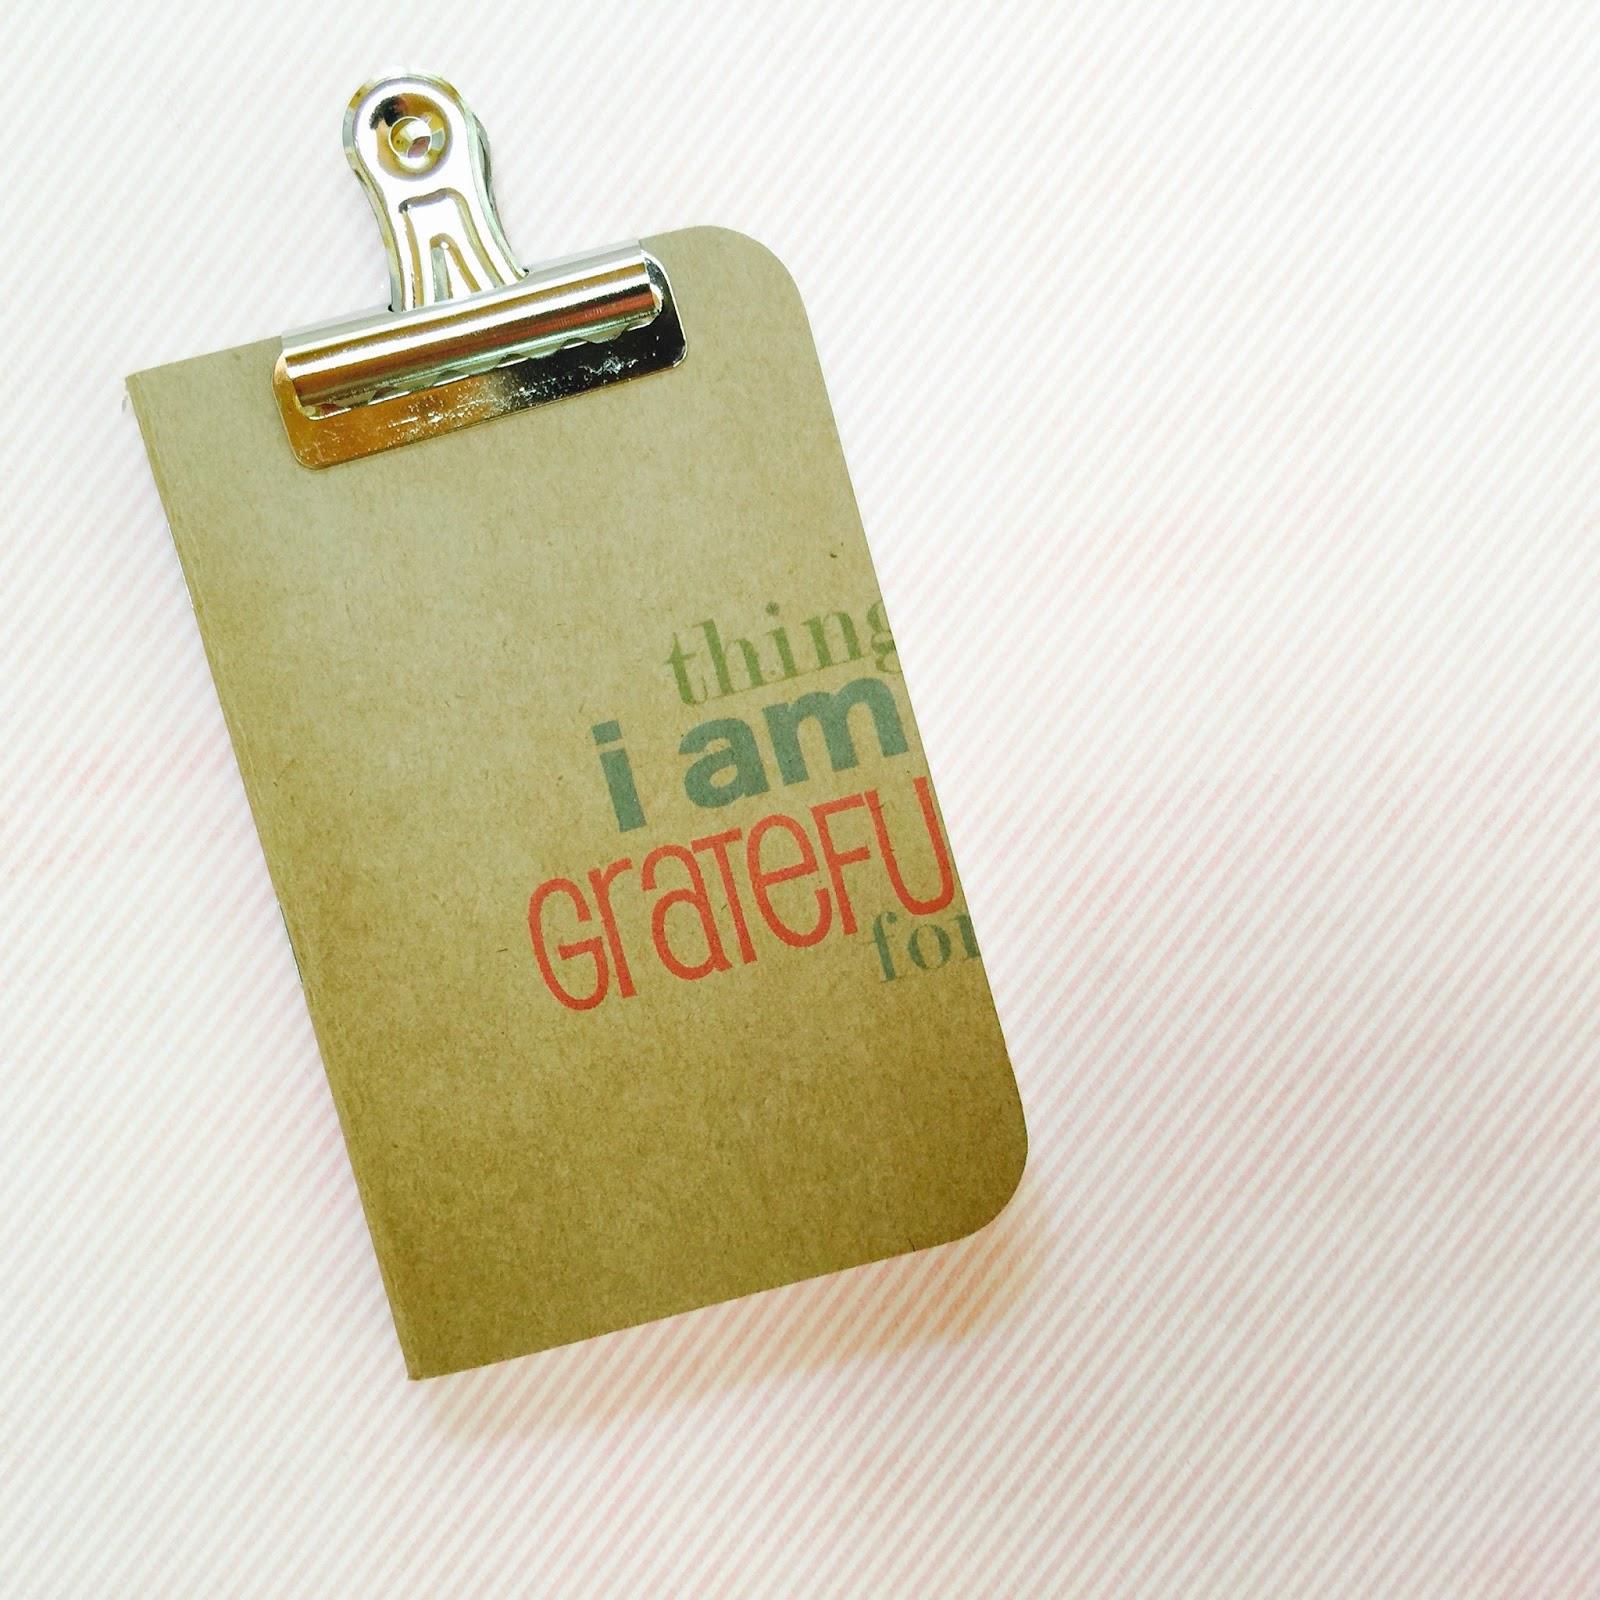 #gratitude #art #journal #field notes